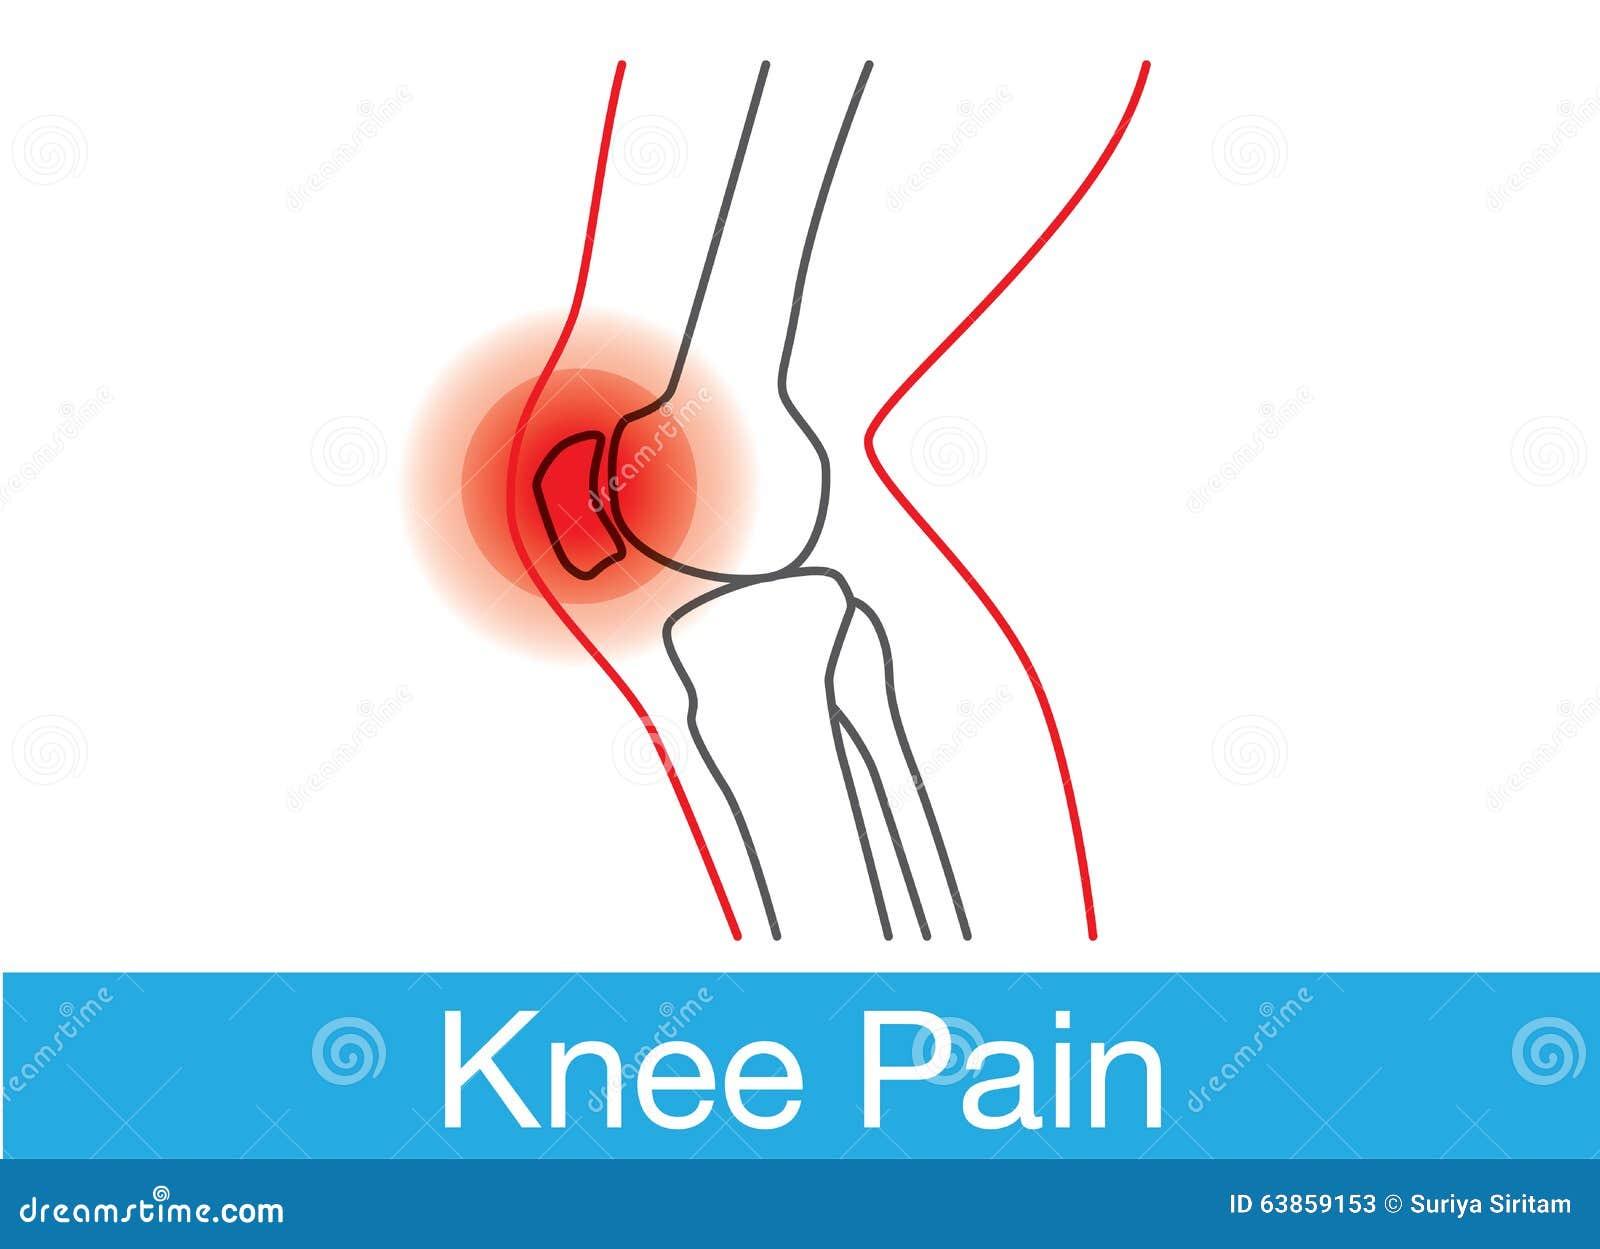 Περίληψη πόνου γονάτων